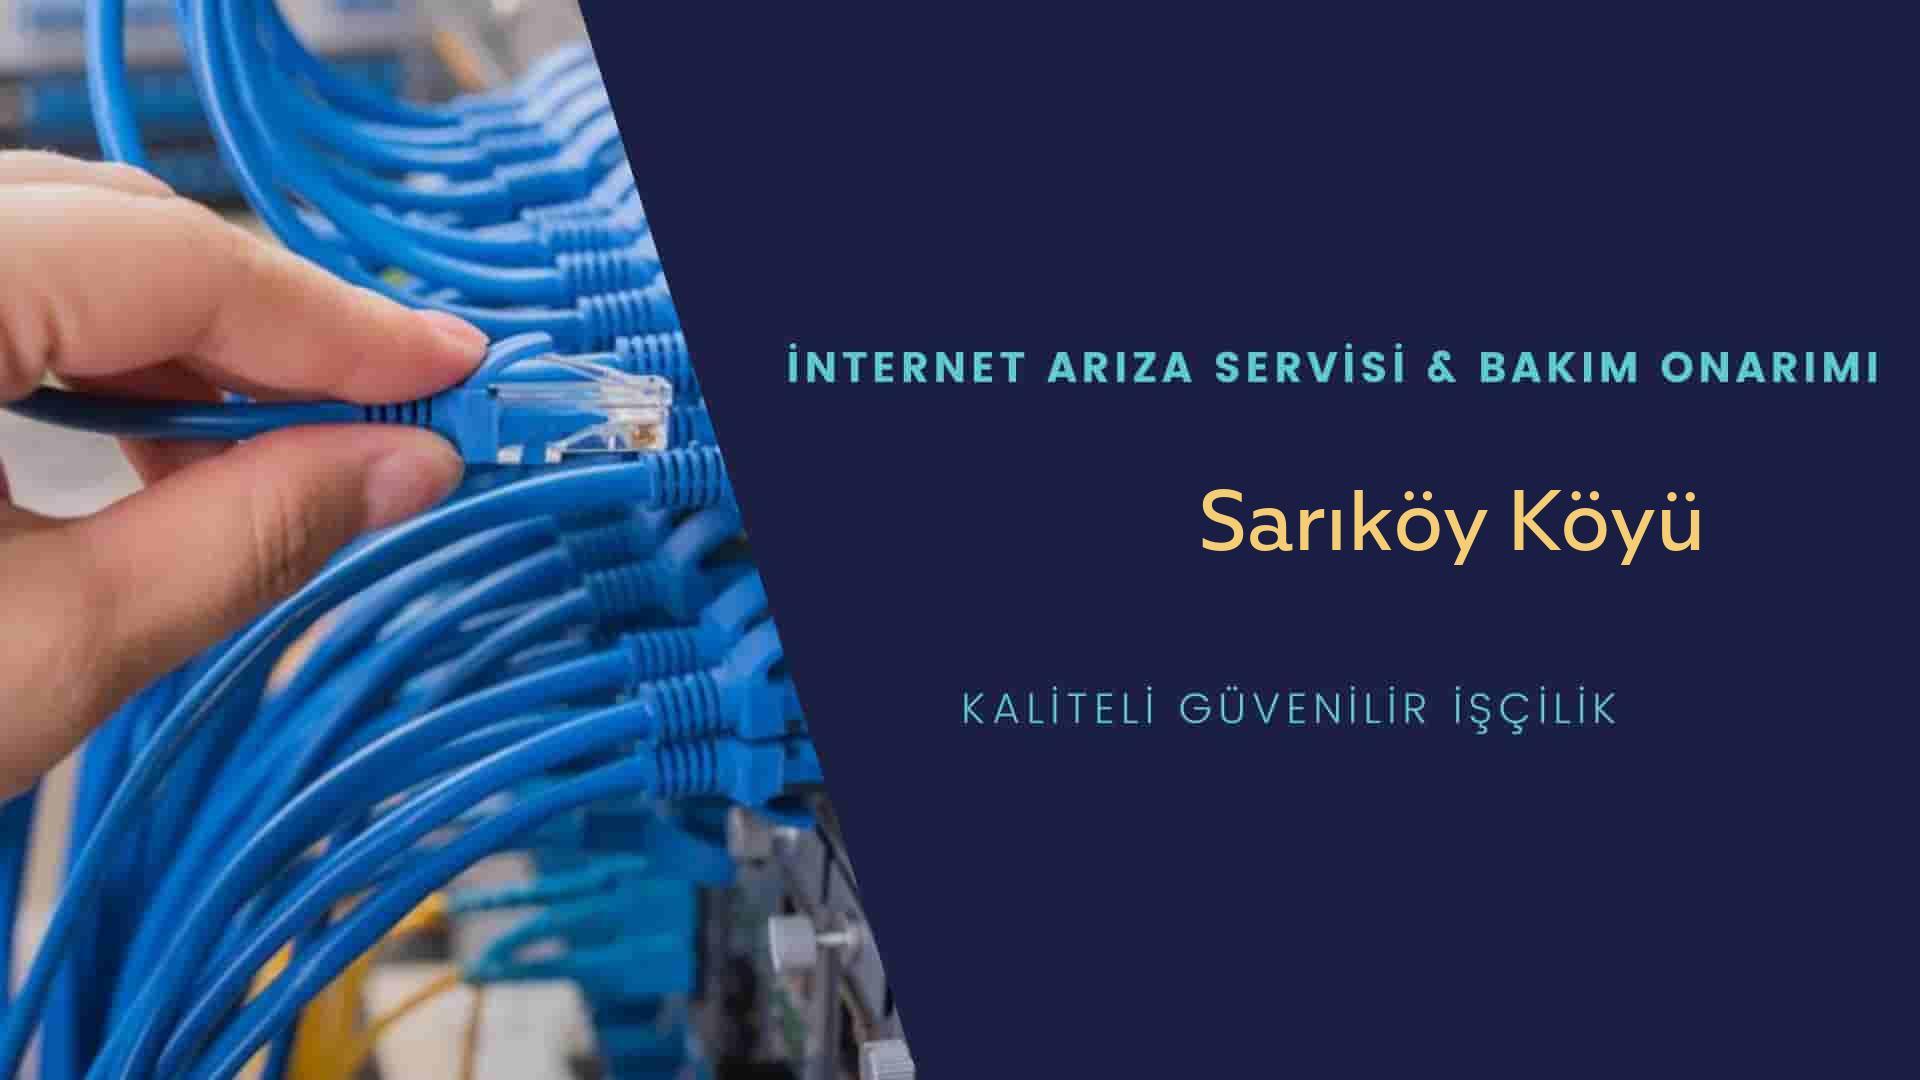 Sarıköy Köyü internet kablosu çekimi yapan yerler veya elektrikçiler mi? arıyorsunuz doğru yerdesiniz o zaman sizlere 7/24 yardımcı olacak profesyonel ustalarımız bir telefon kadar yakındır size.